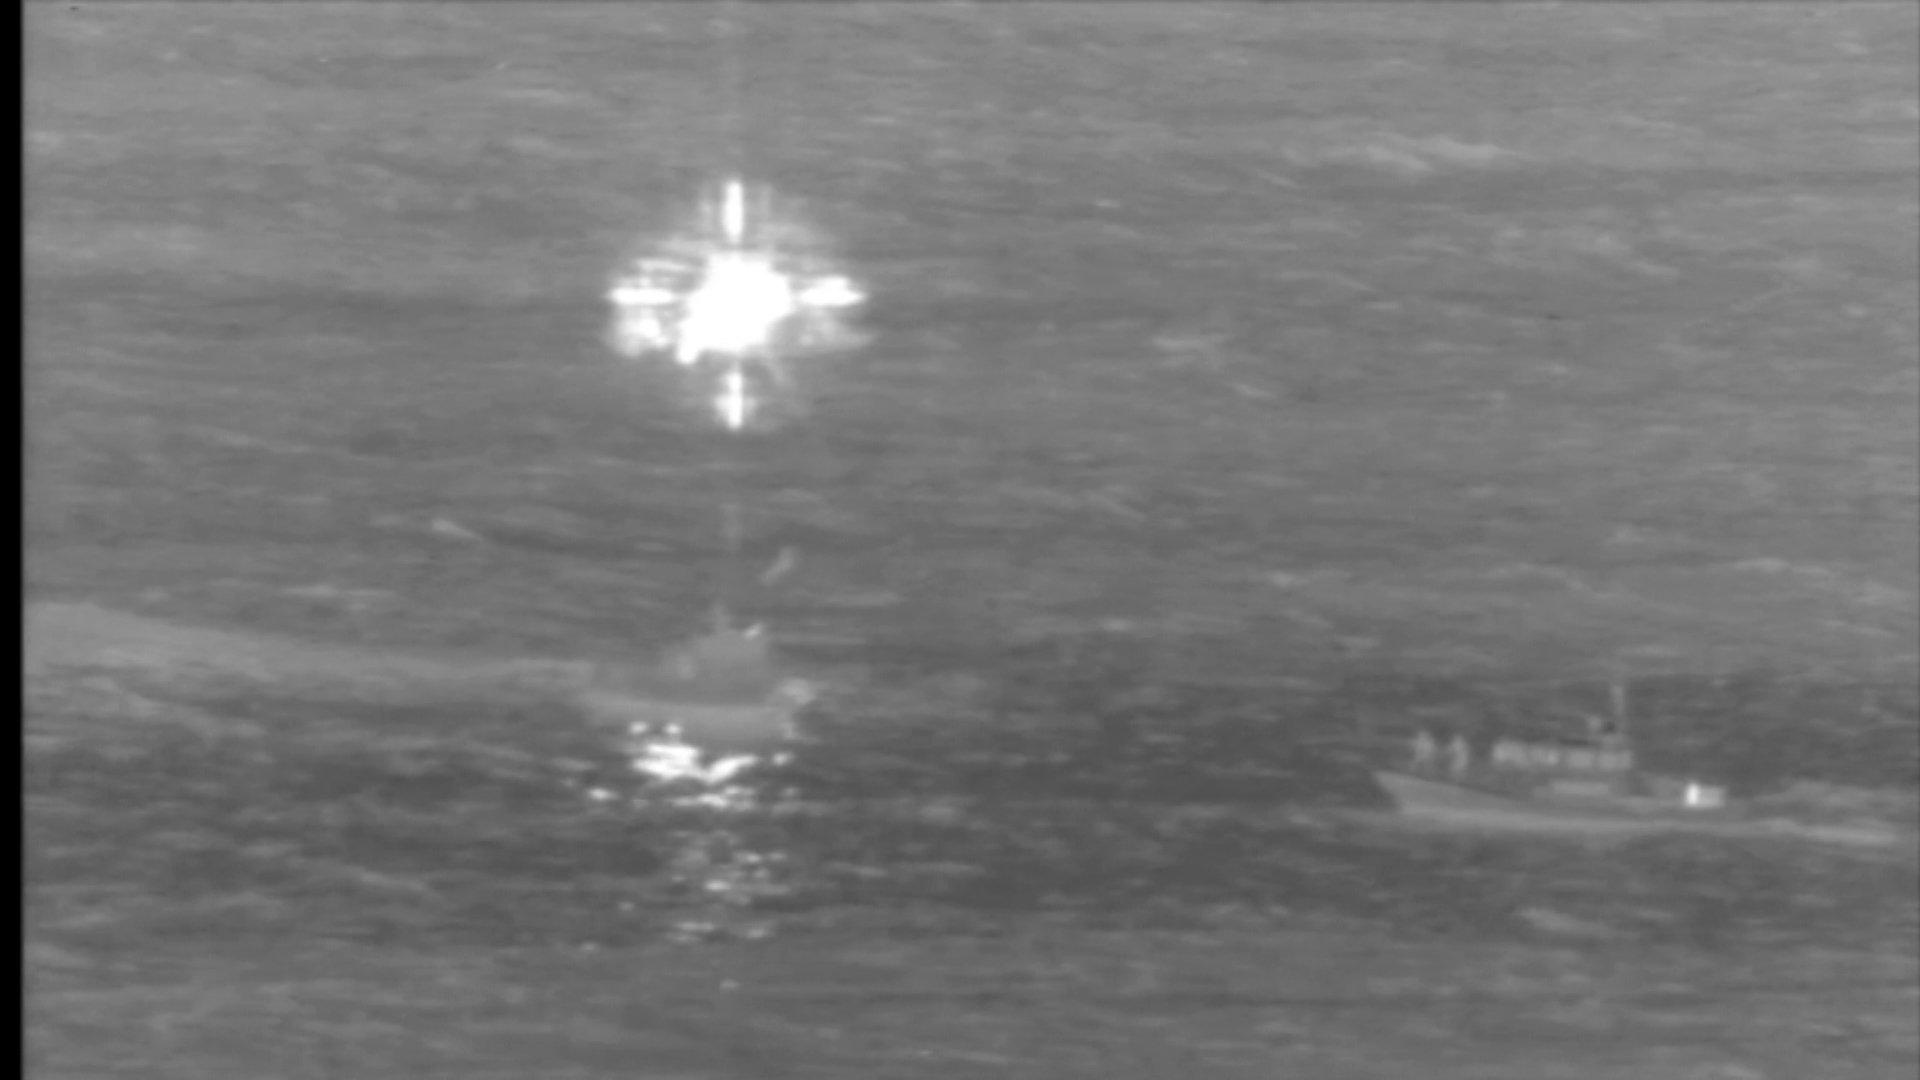 A Boeing 737 cargo plane makes emergency landing in the water near Honolulu